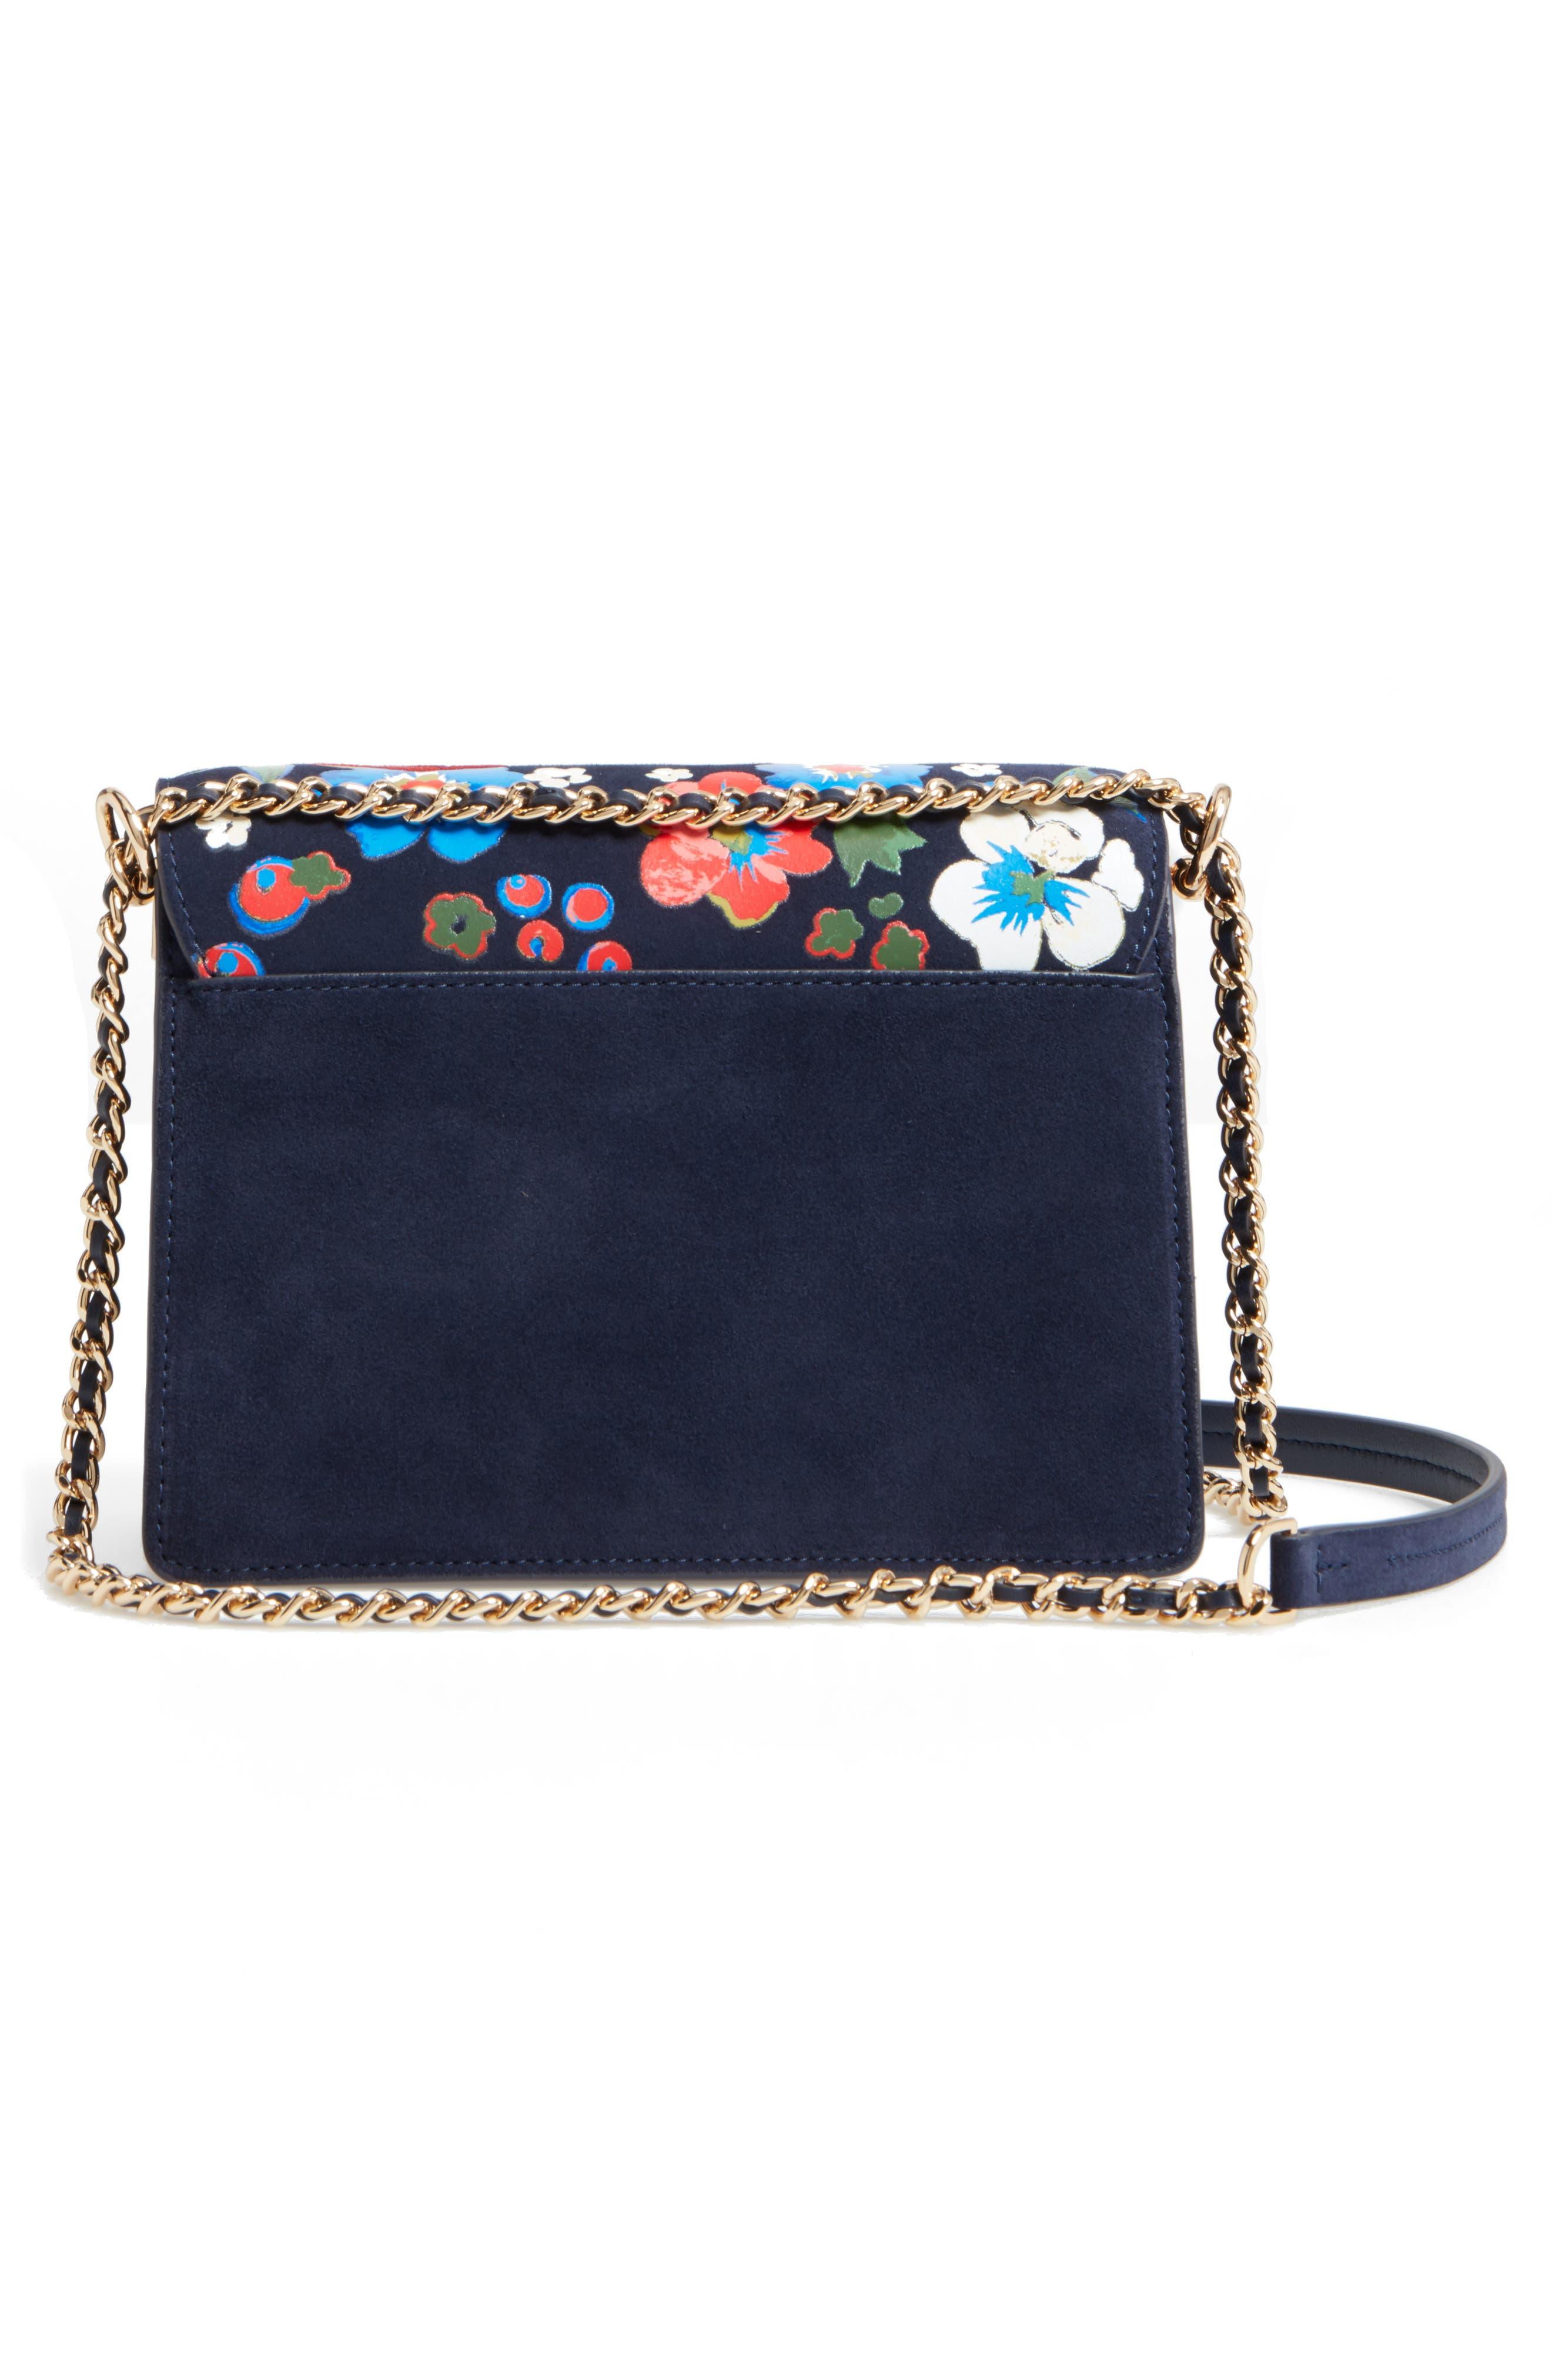 Alternate Image 2  - Tory Burch Parker Flower Embroidered Leather Shoulder/Crossbody Bag